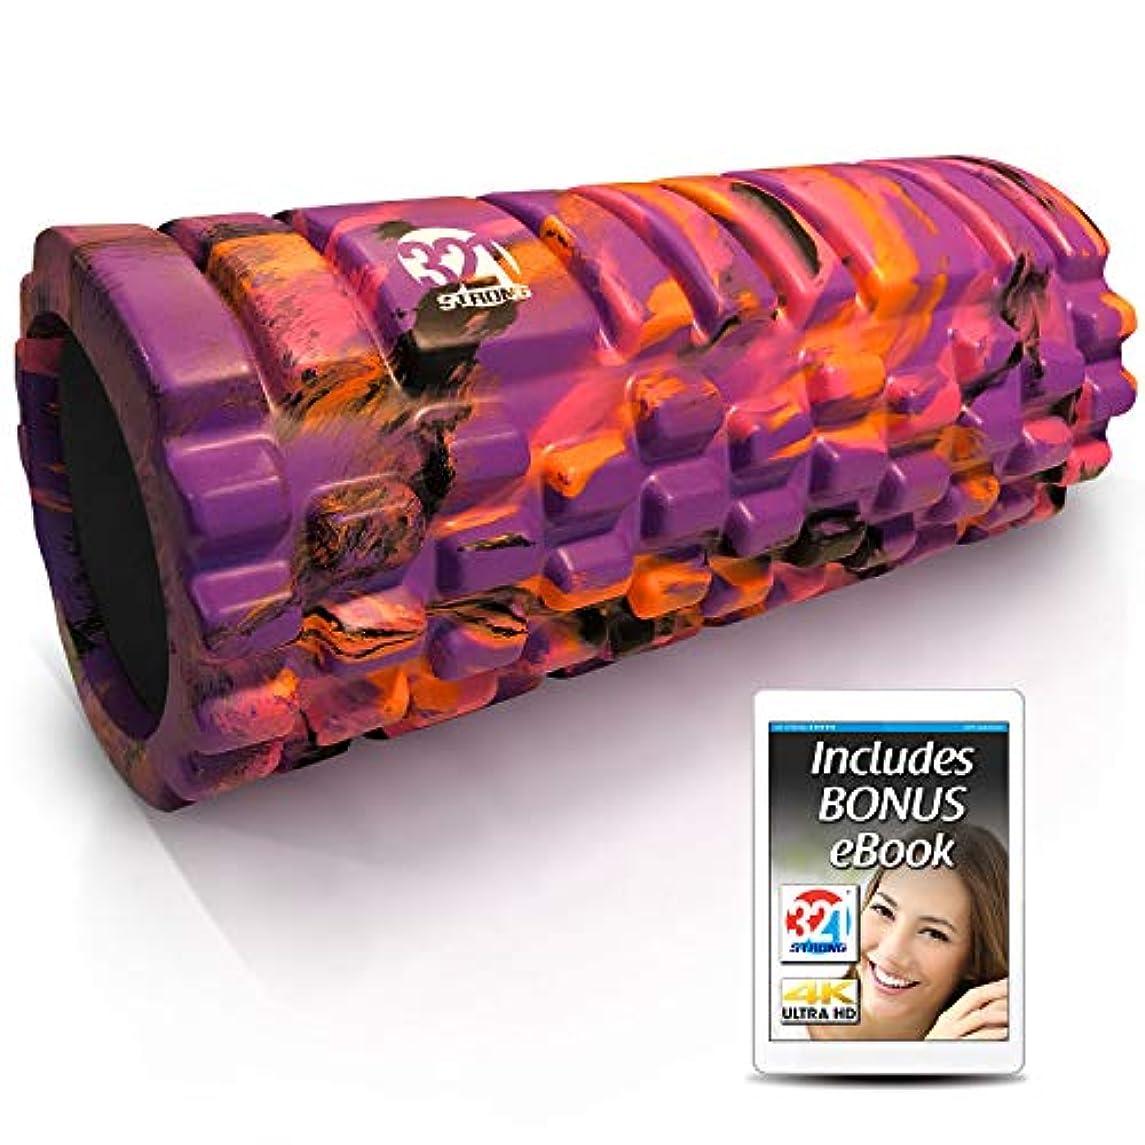 芸術的カラス一般321 強力フォームローラー - 中密度ディープティッシュマッサージャー 筋肉マッサージ 筋膜トリガー ポイントリリリース 4K eBook。